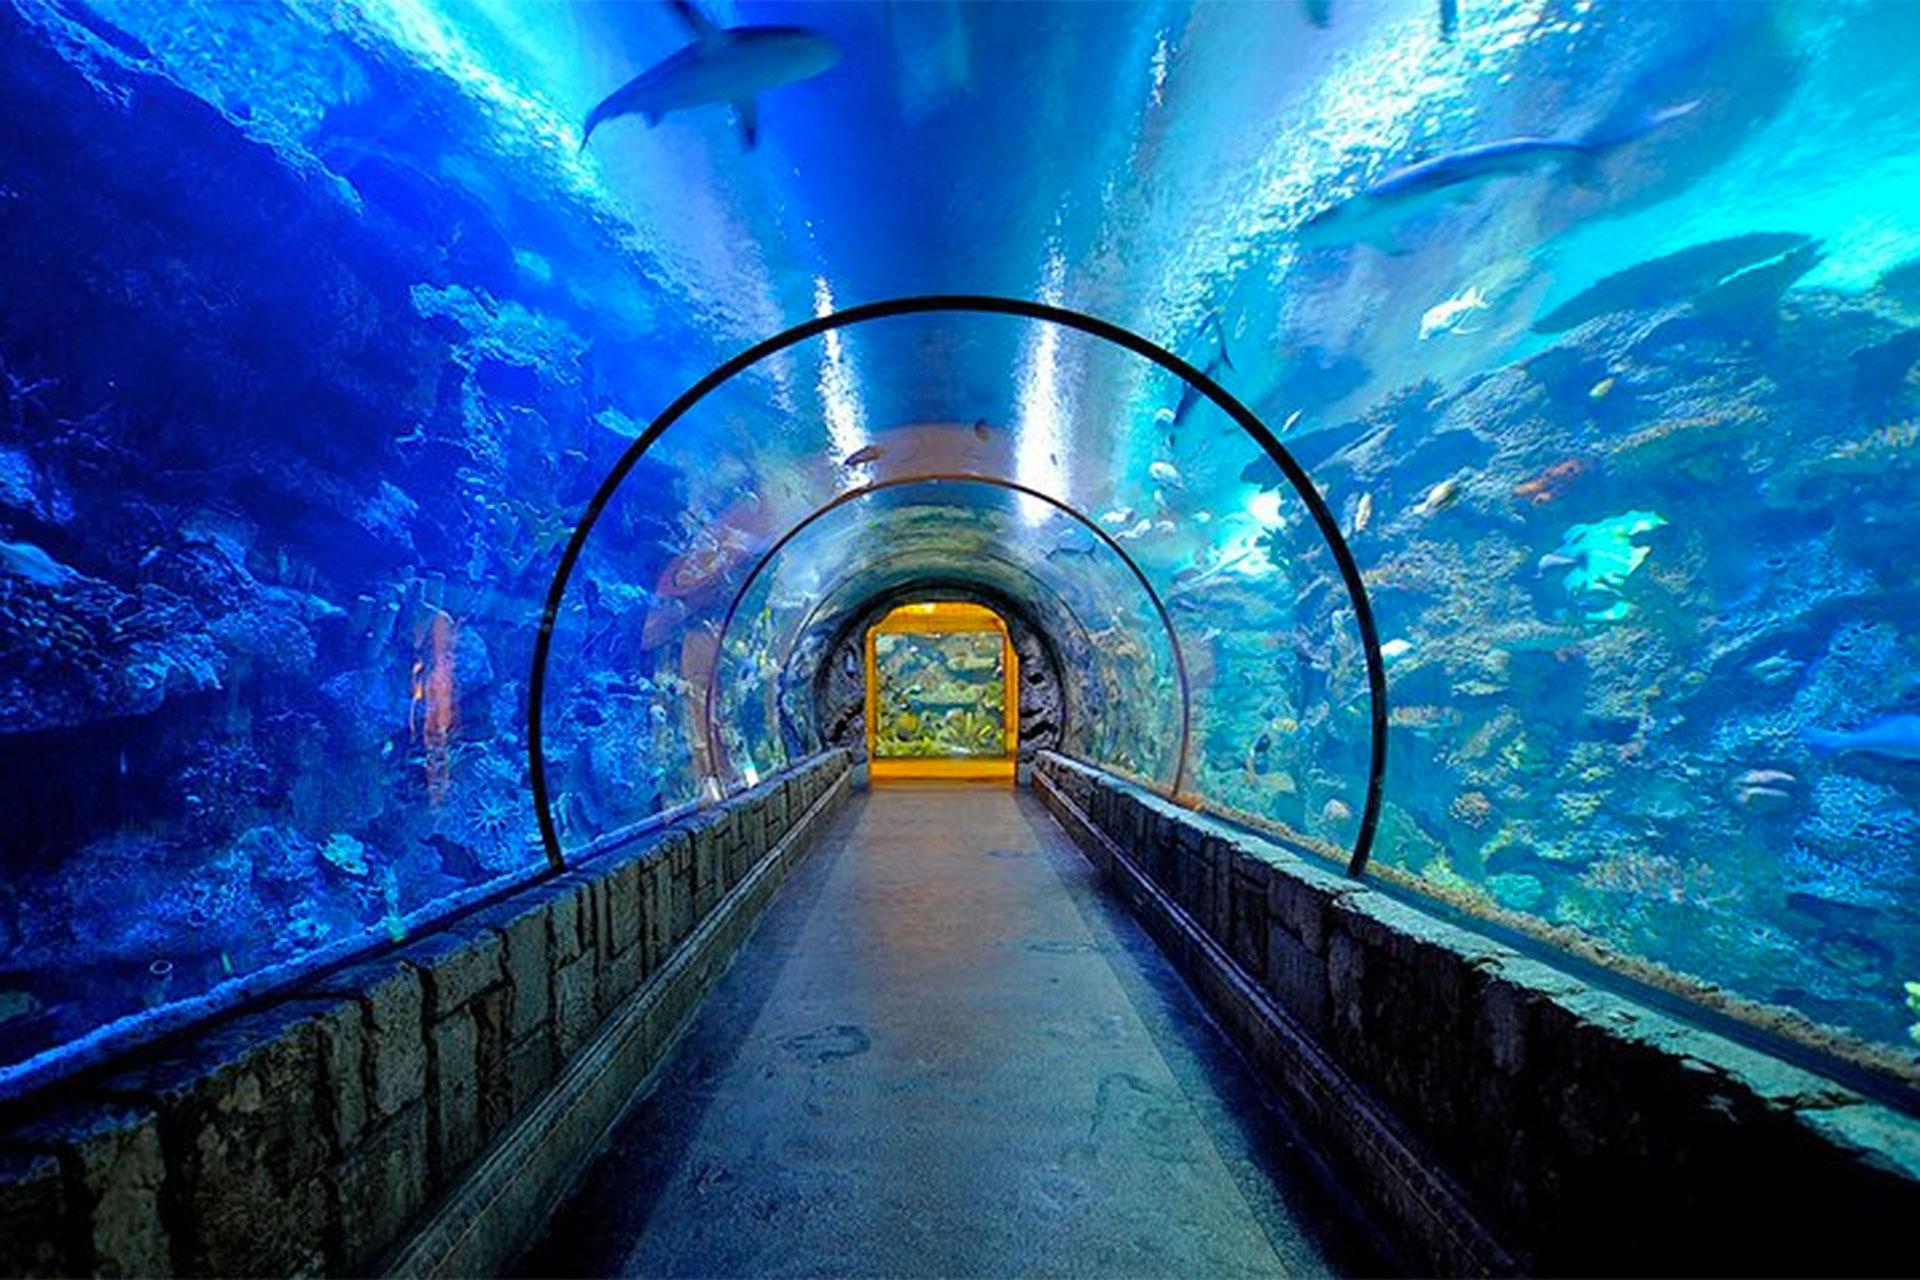 Aquarium at Mandalay Bay Resort & Casino in Las Vegas